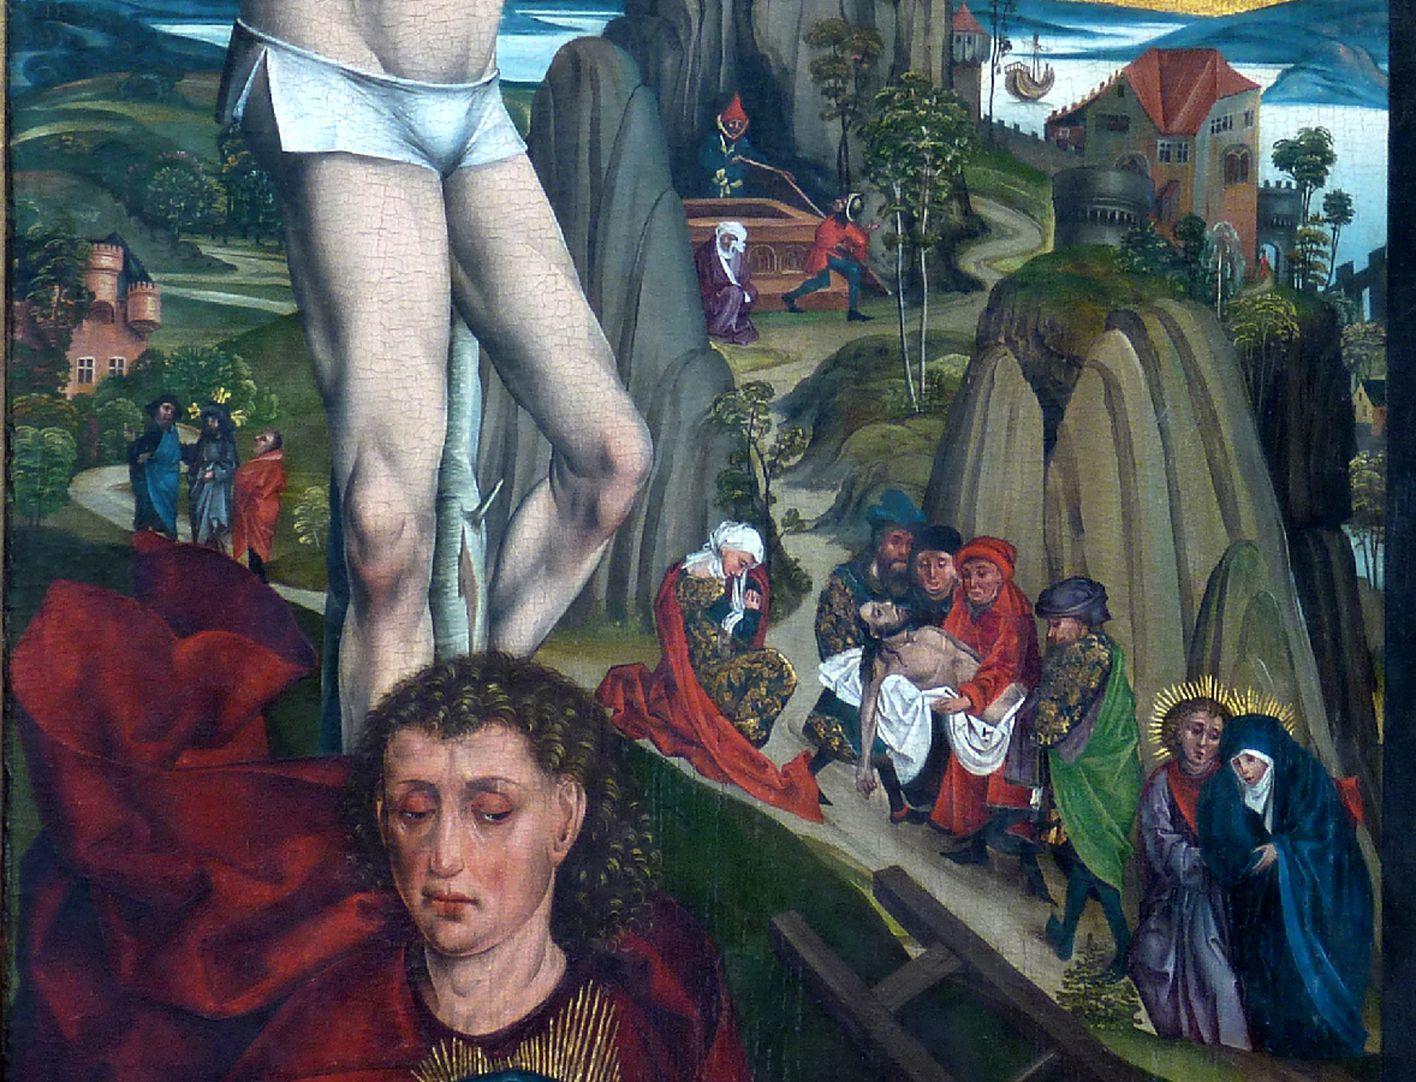 Epitaph für Georg Keyper Detail Dismas, darunter Johannes, im Hintergrund wird der Leichnam zu Grabe getragen